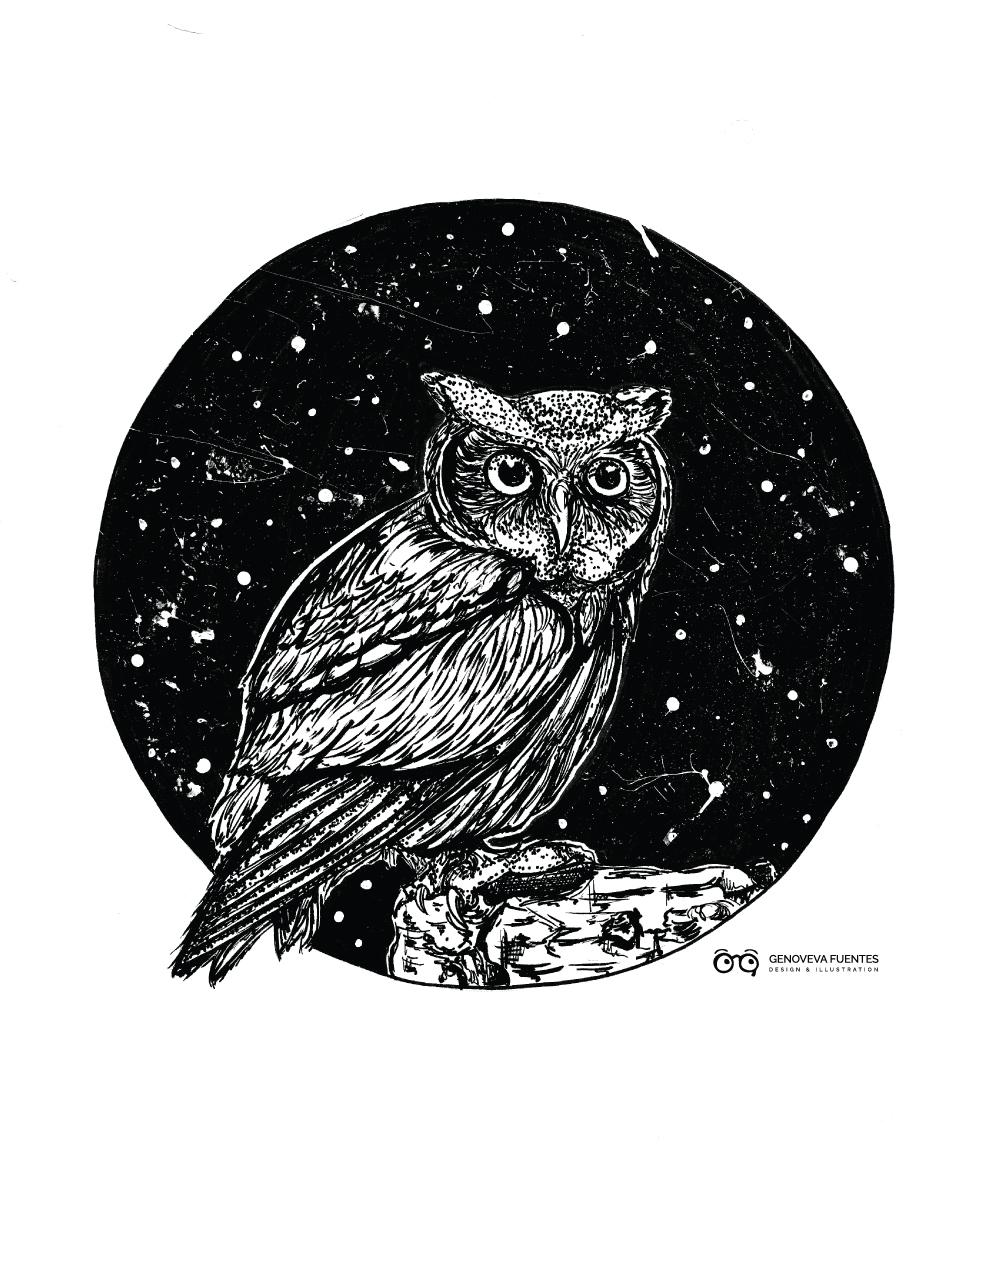 eltallerfuentes-owl.jpg